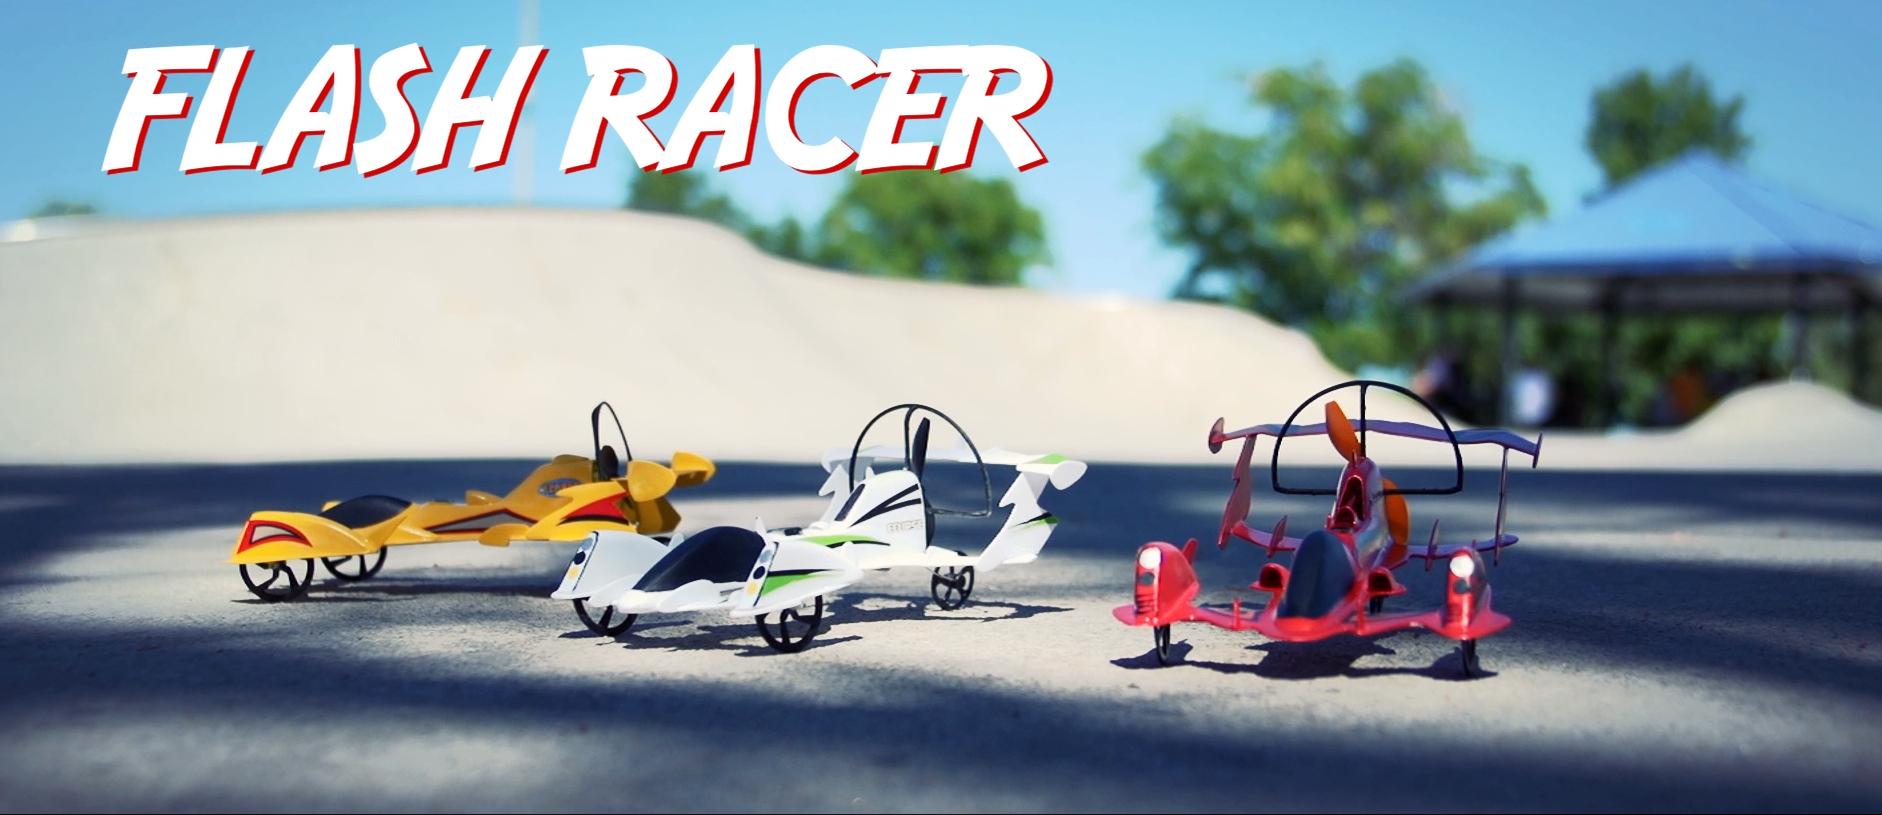 FLASH RACER.jpg